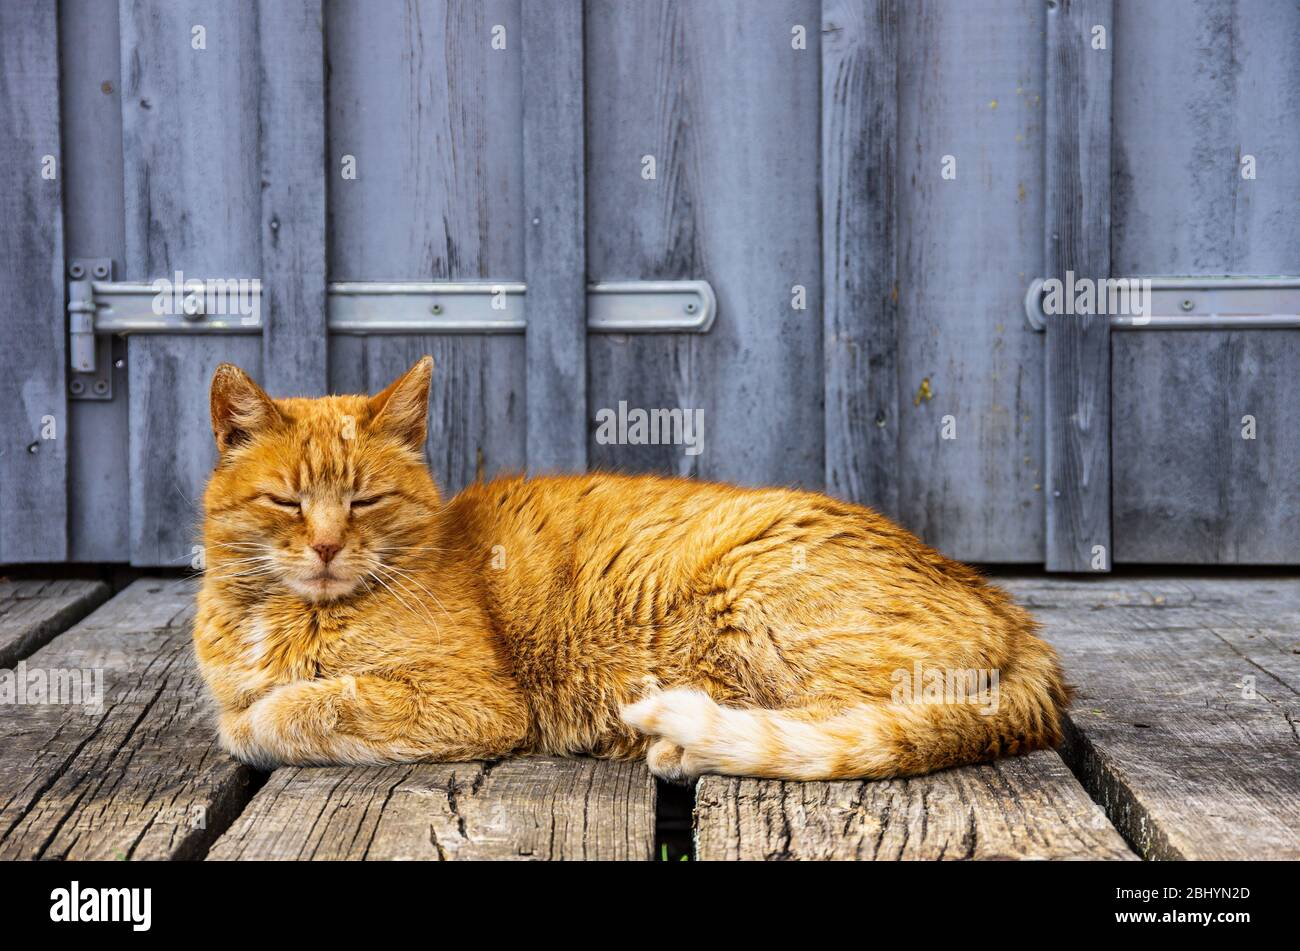 Rothaarige Hauskatze dösen vor dem Tor eines ländlichen Gebäudes. Stockfoto